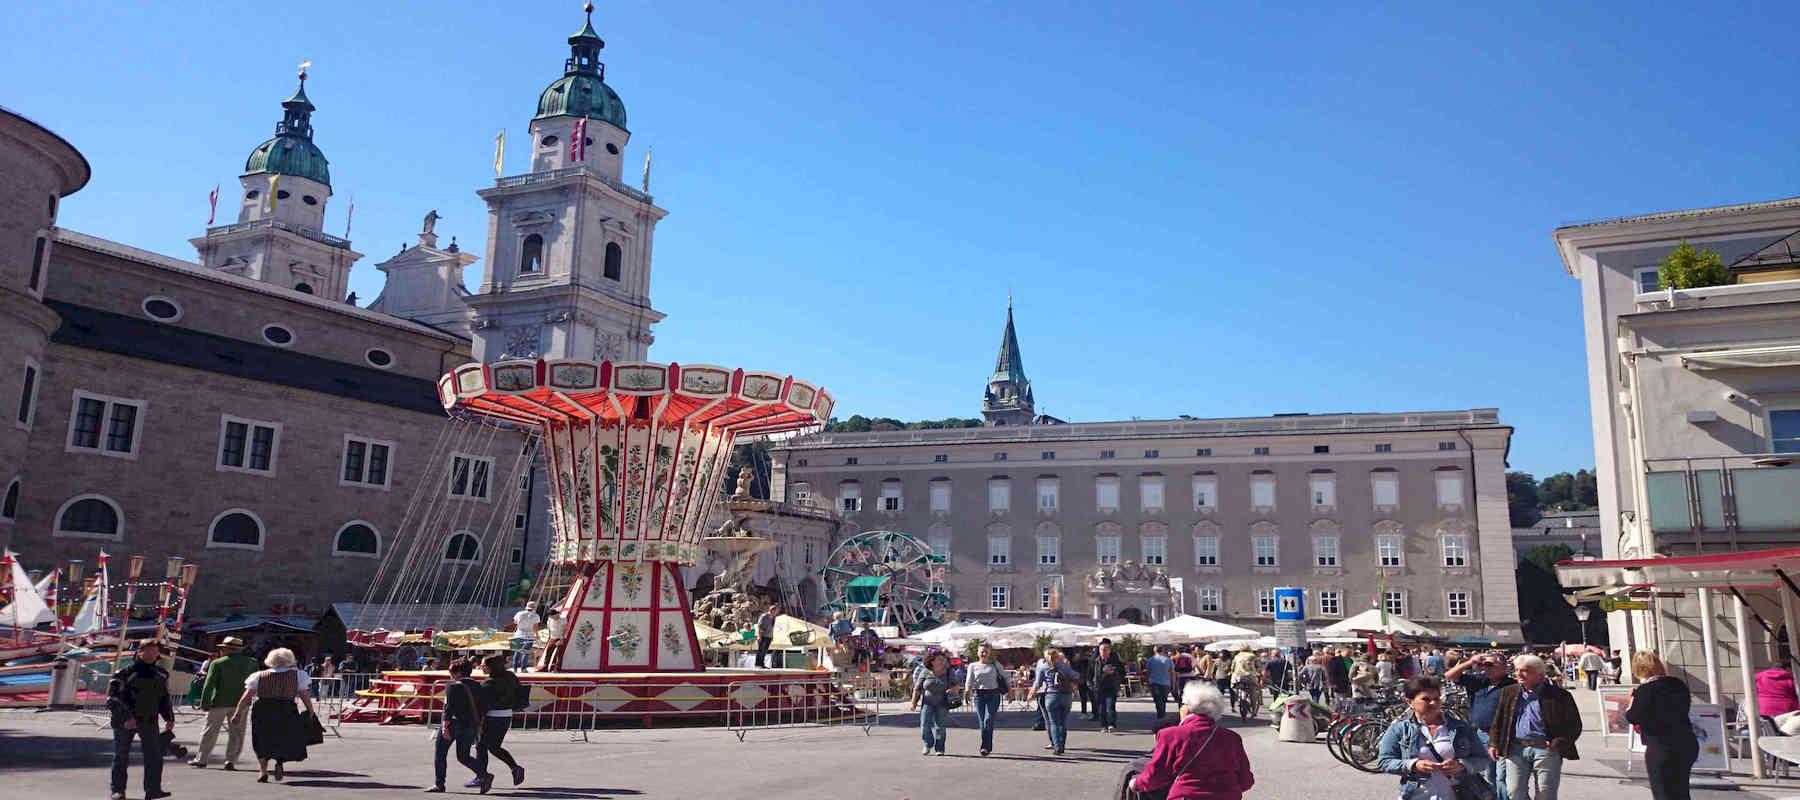 Digitale Stadtführung und Teamralley als mobile Game in Salzburg